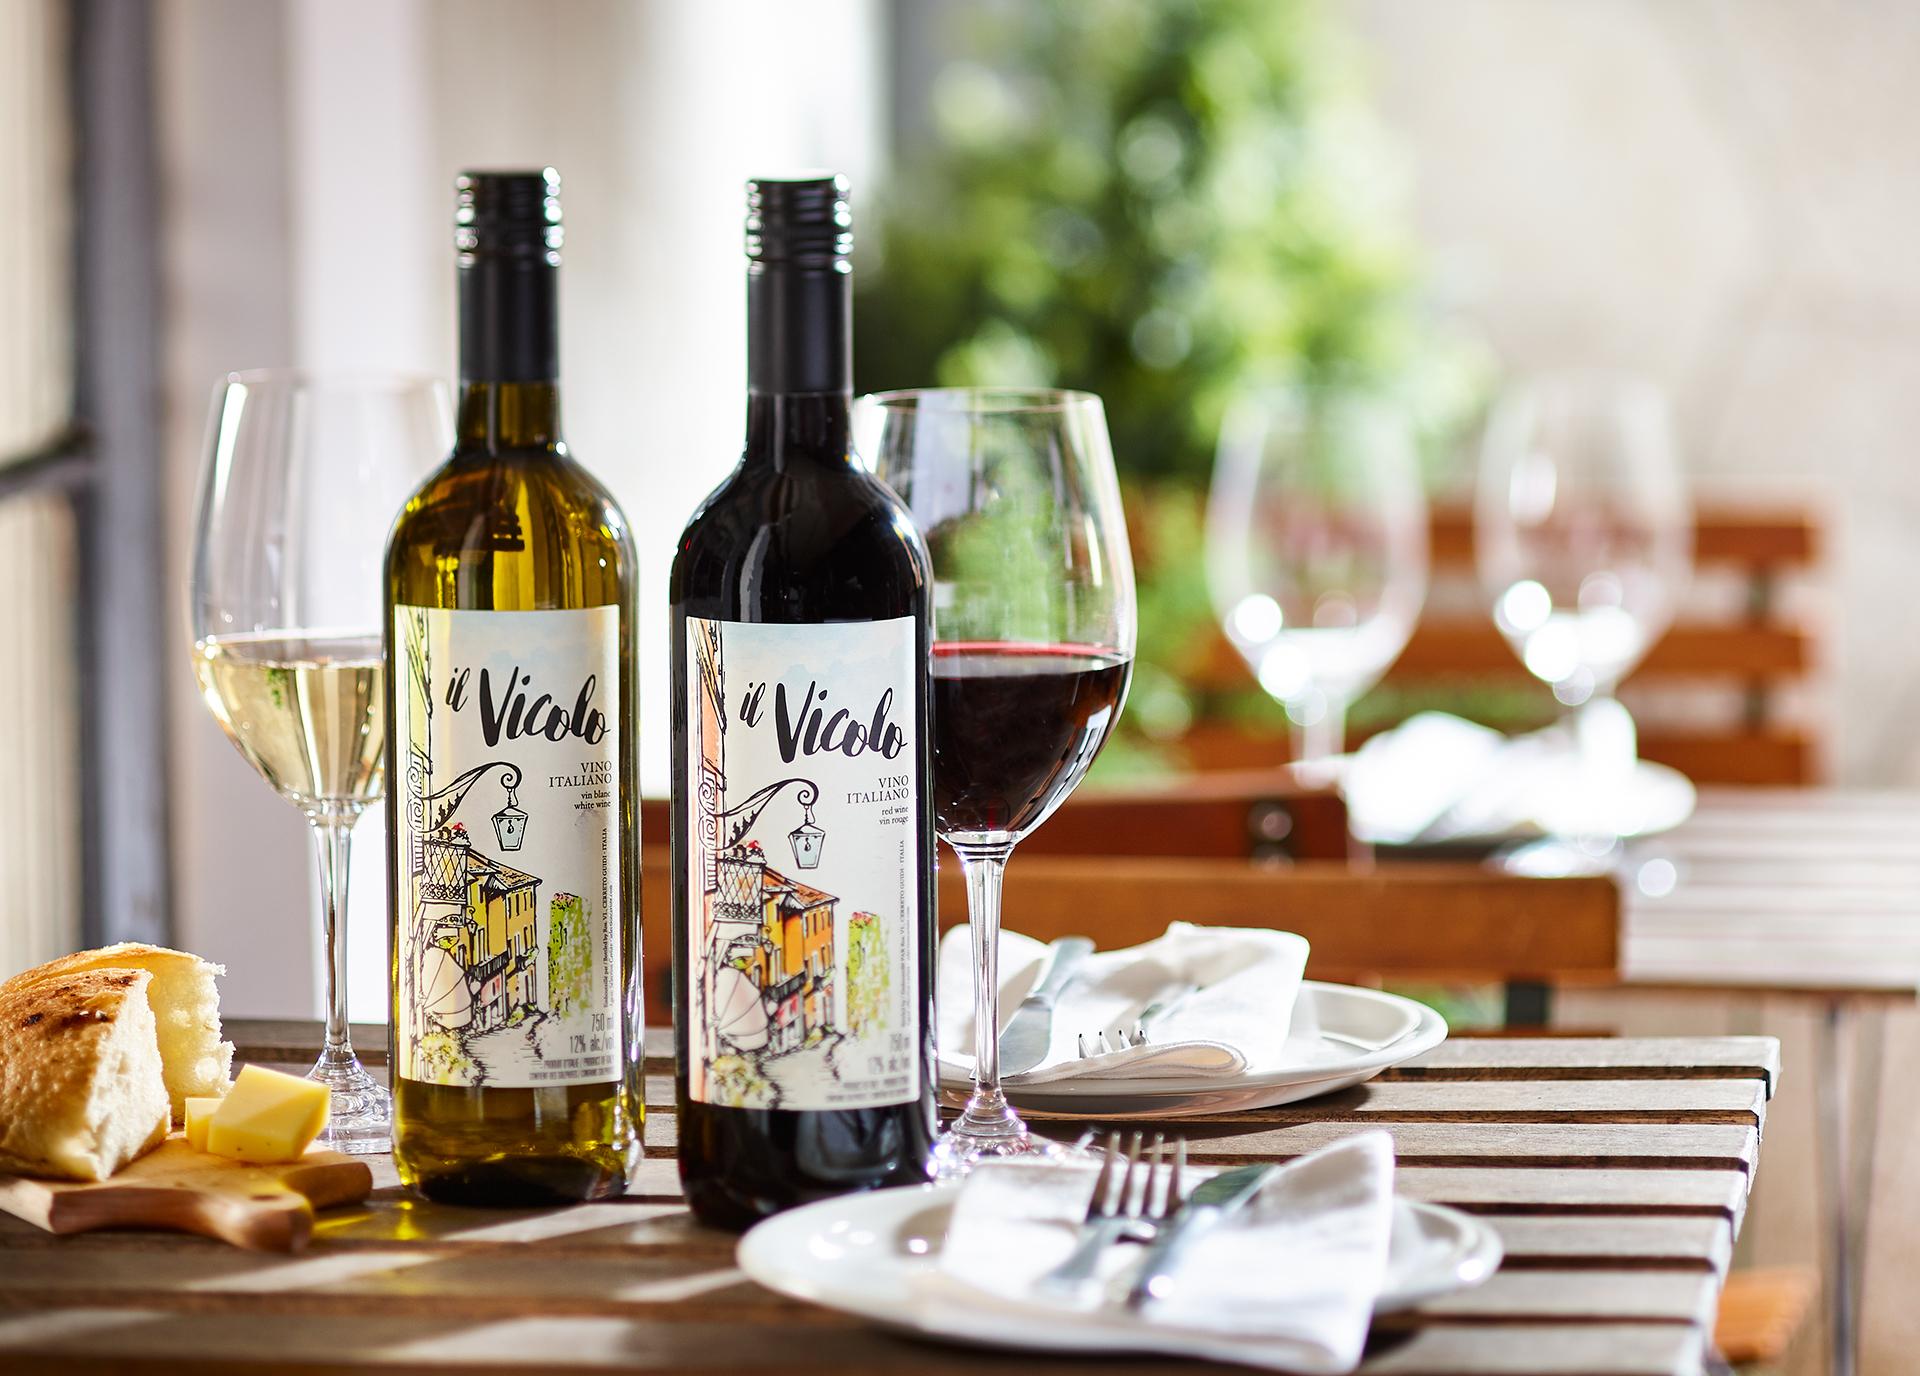 wine-bottle-photographer-marketing-agency-tango-photography